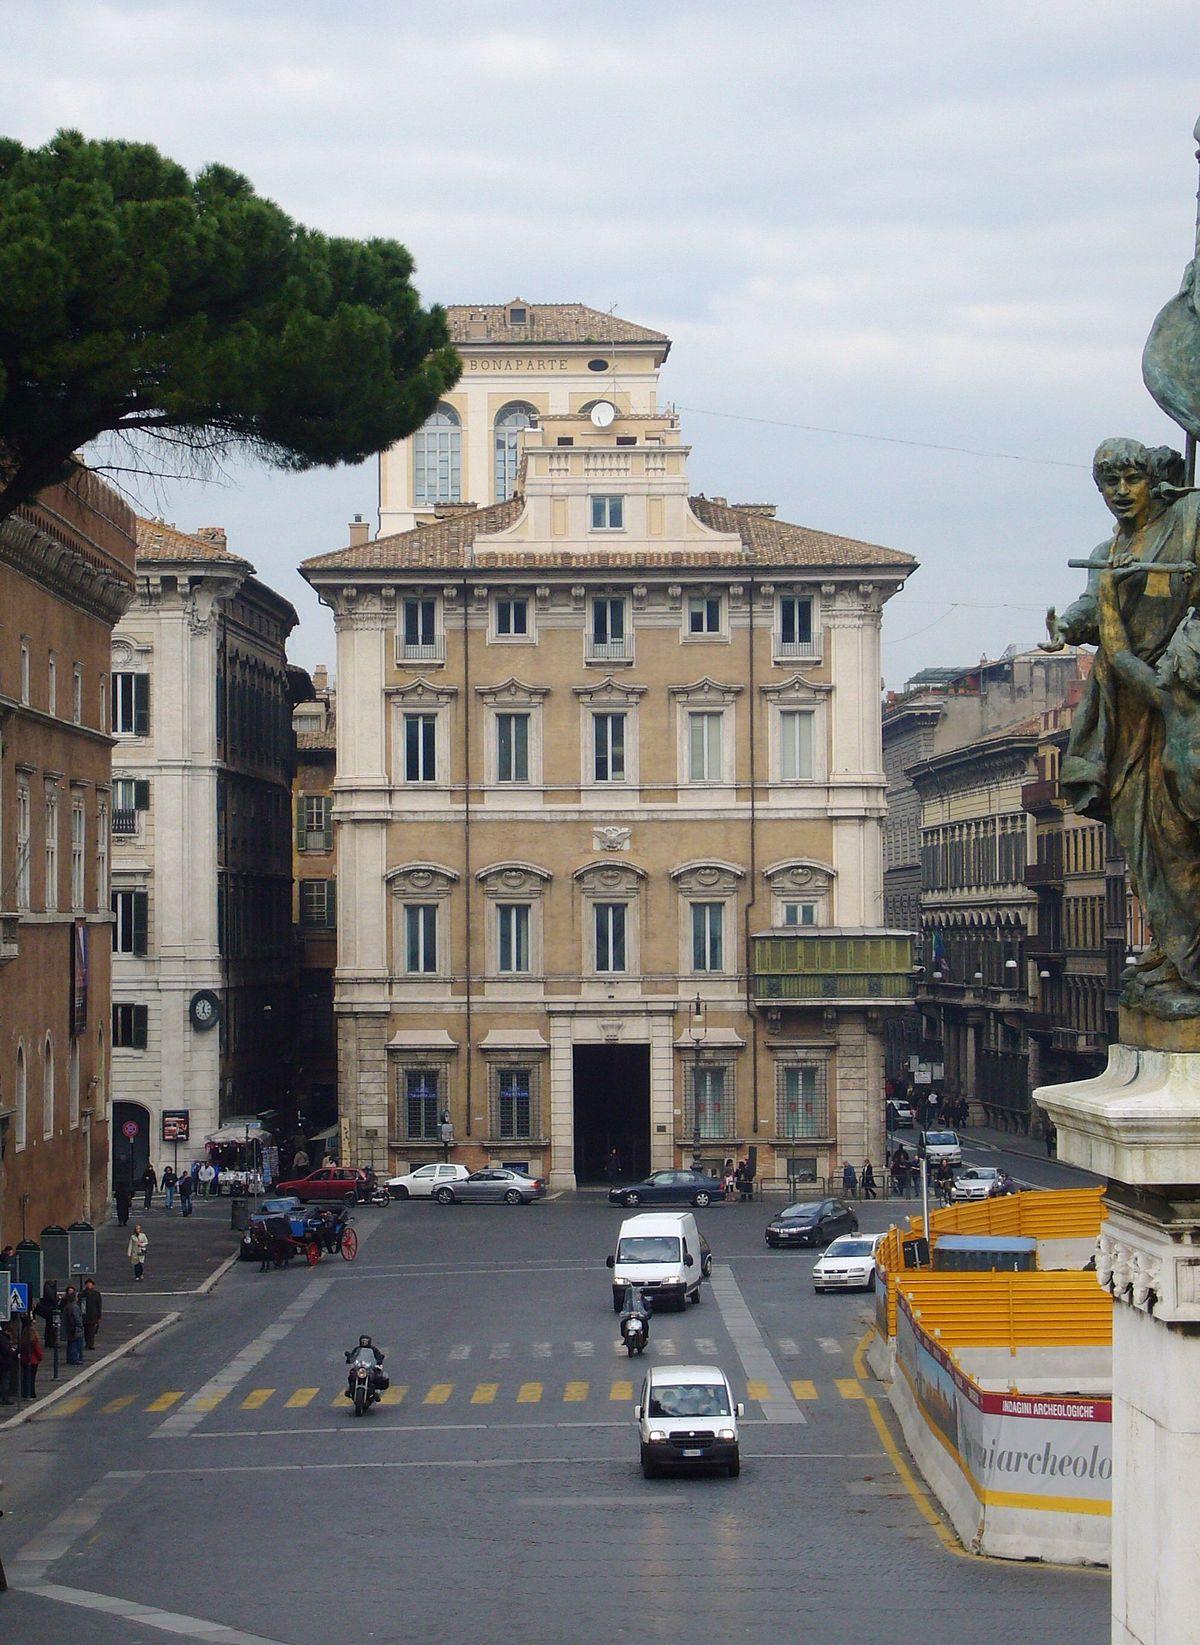 Palazzo bonaparte roma wikipedia - Architetto palazzo congressi roma ...